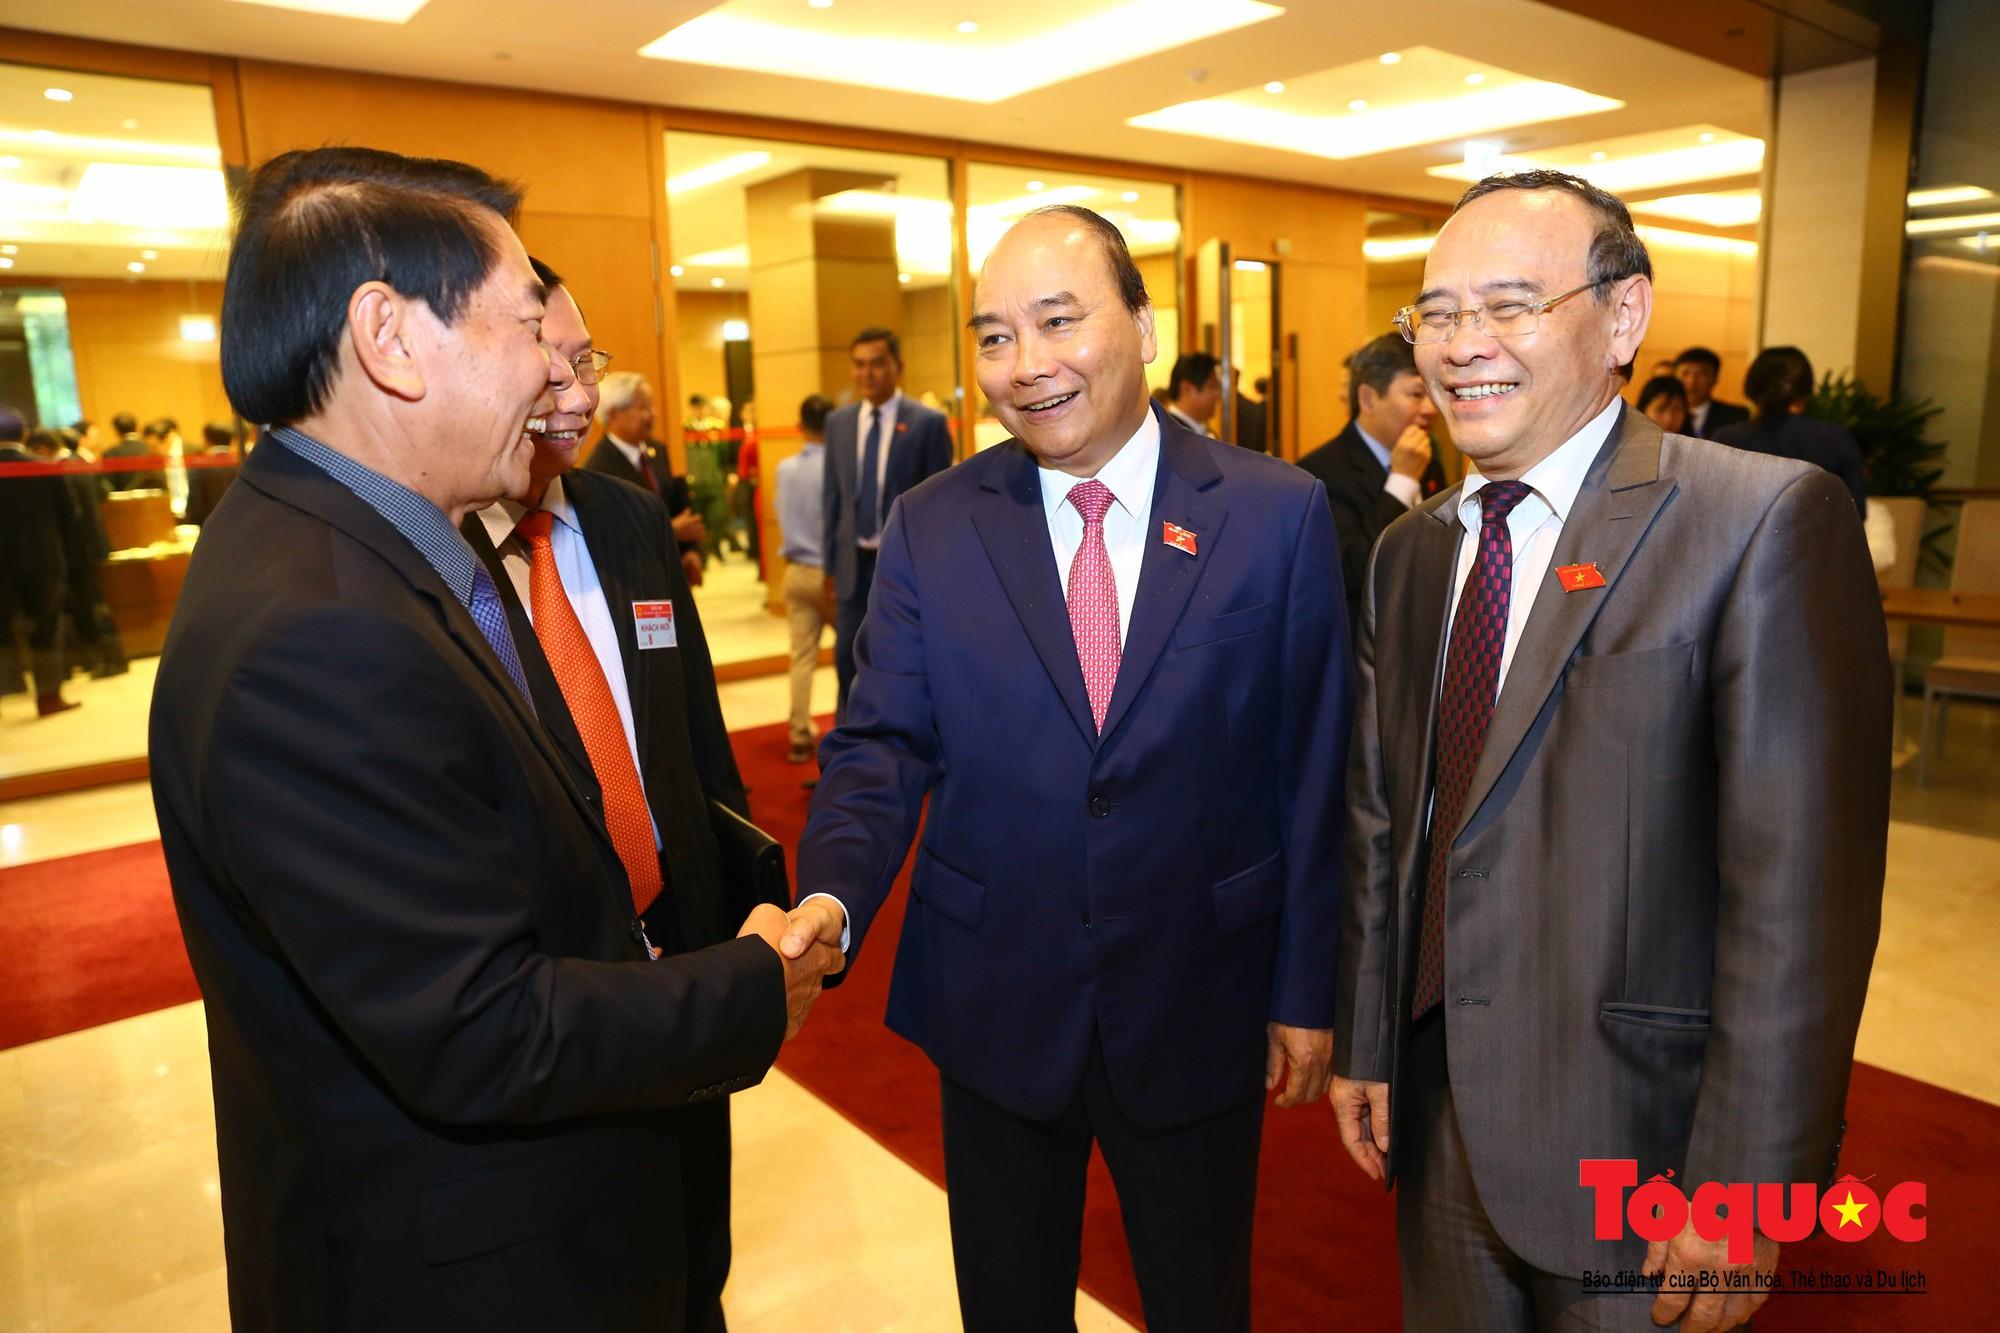 ĐBQH bên hành lang ngày khai mạc kỳ họp thứ 8, Quốc hội khóa XIV (18)